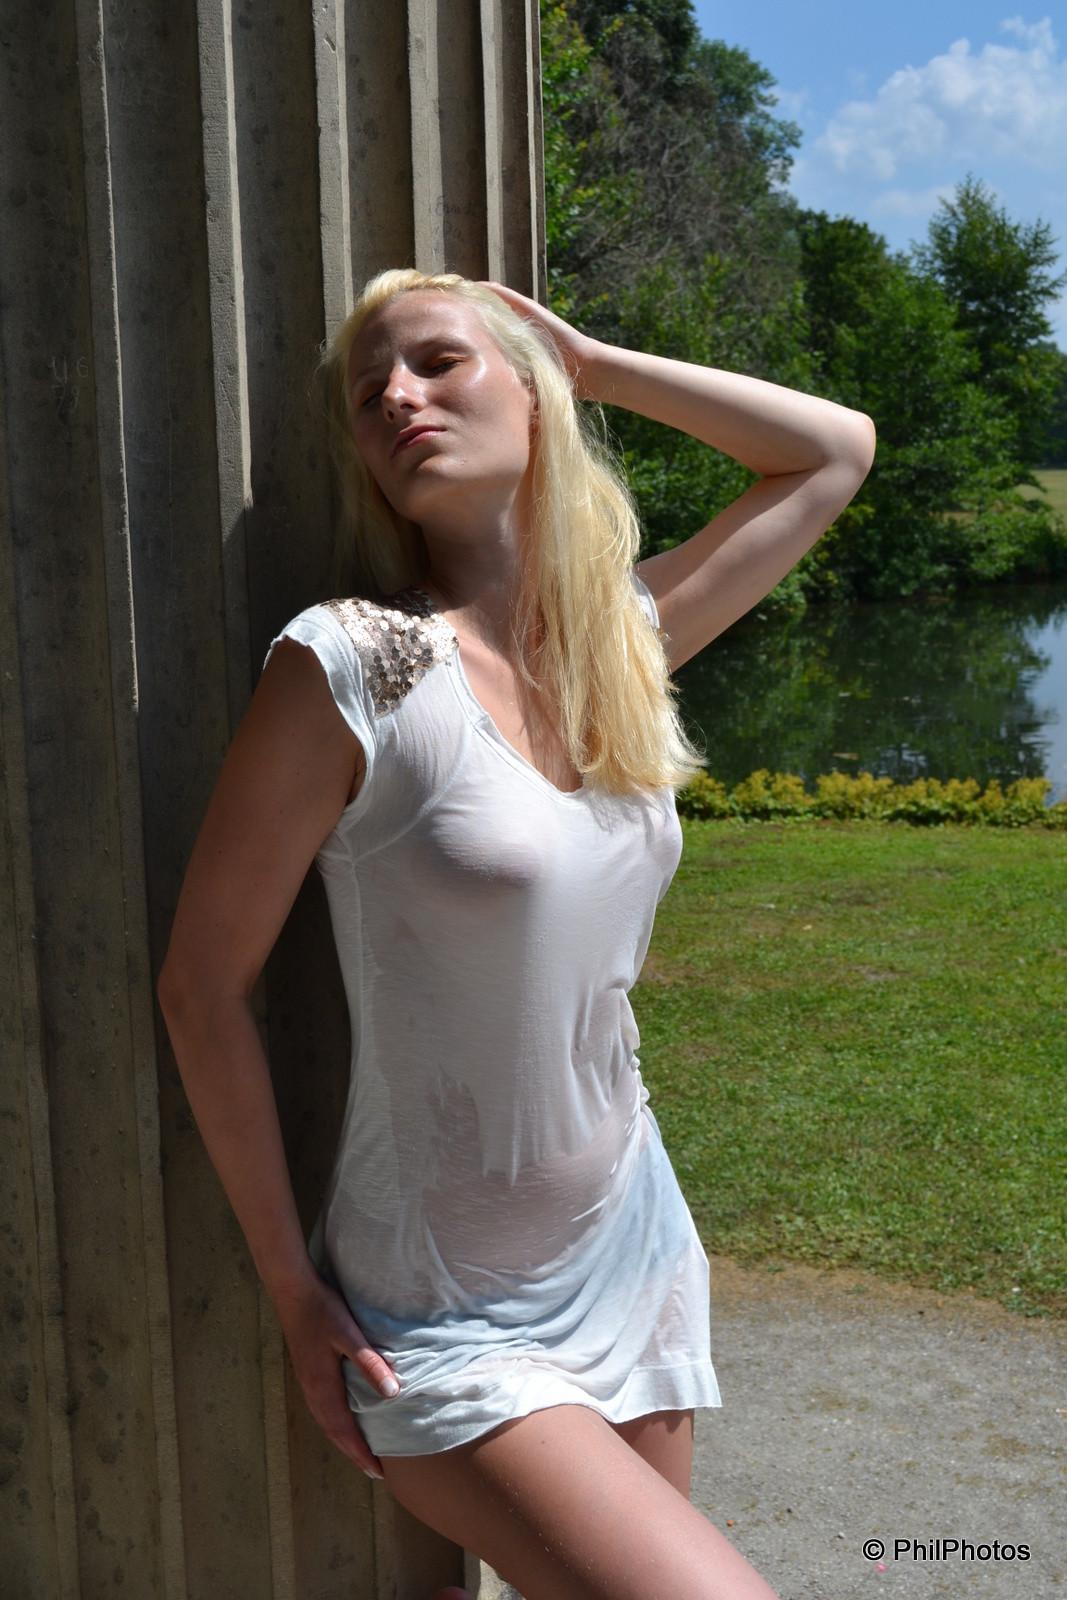 Блондинка раздевается в публичном месте